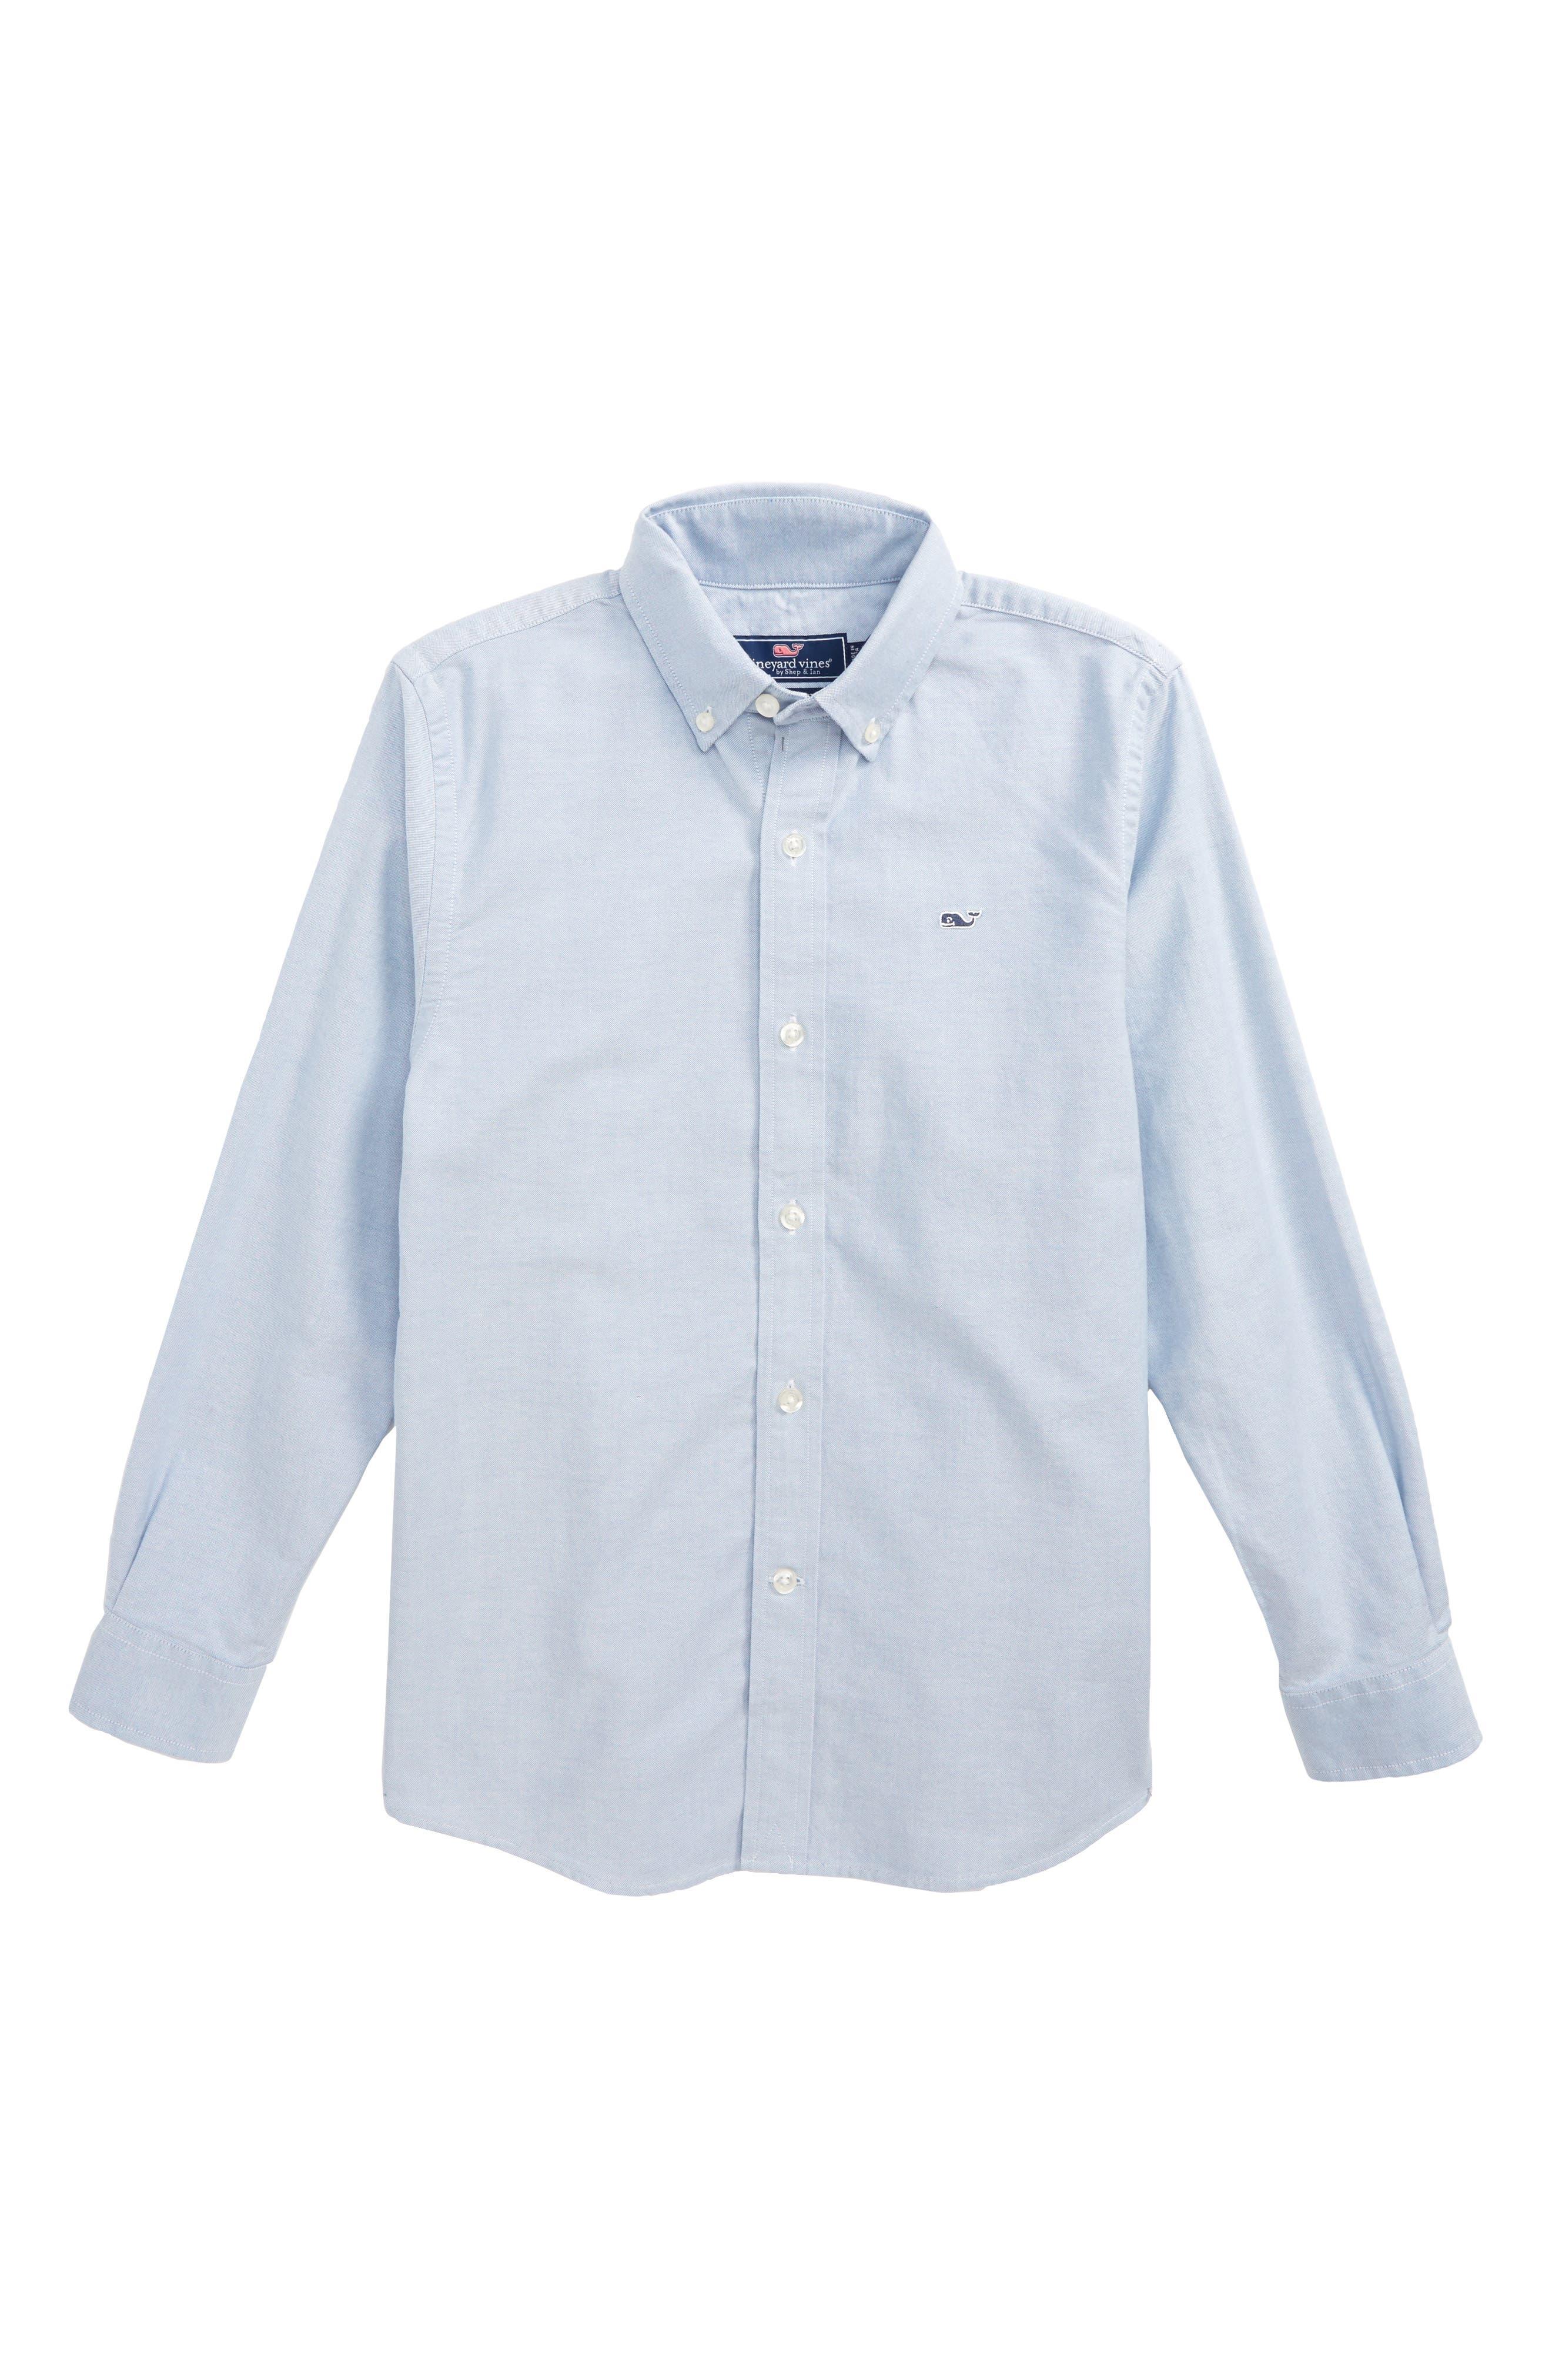 Woven Oxford Shirt,                             Main thumbnail 1, color,                             455